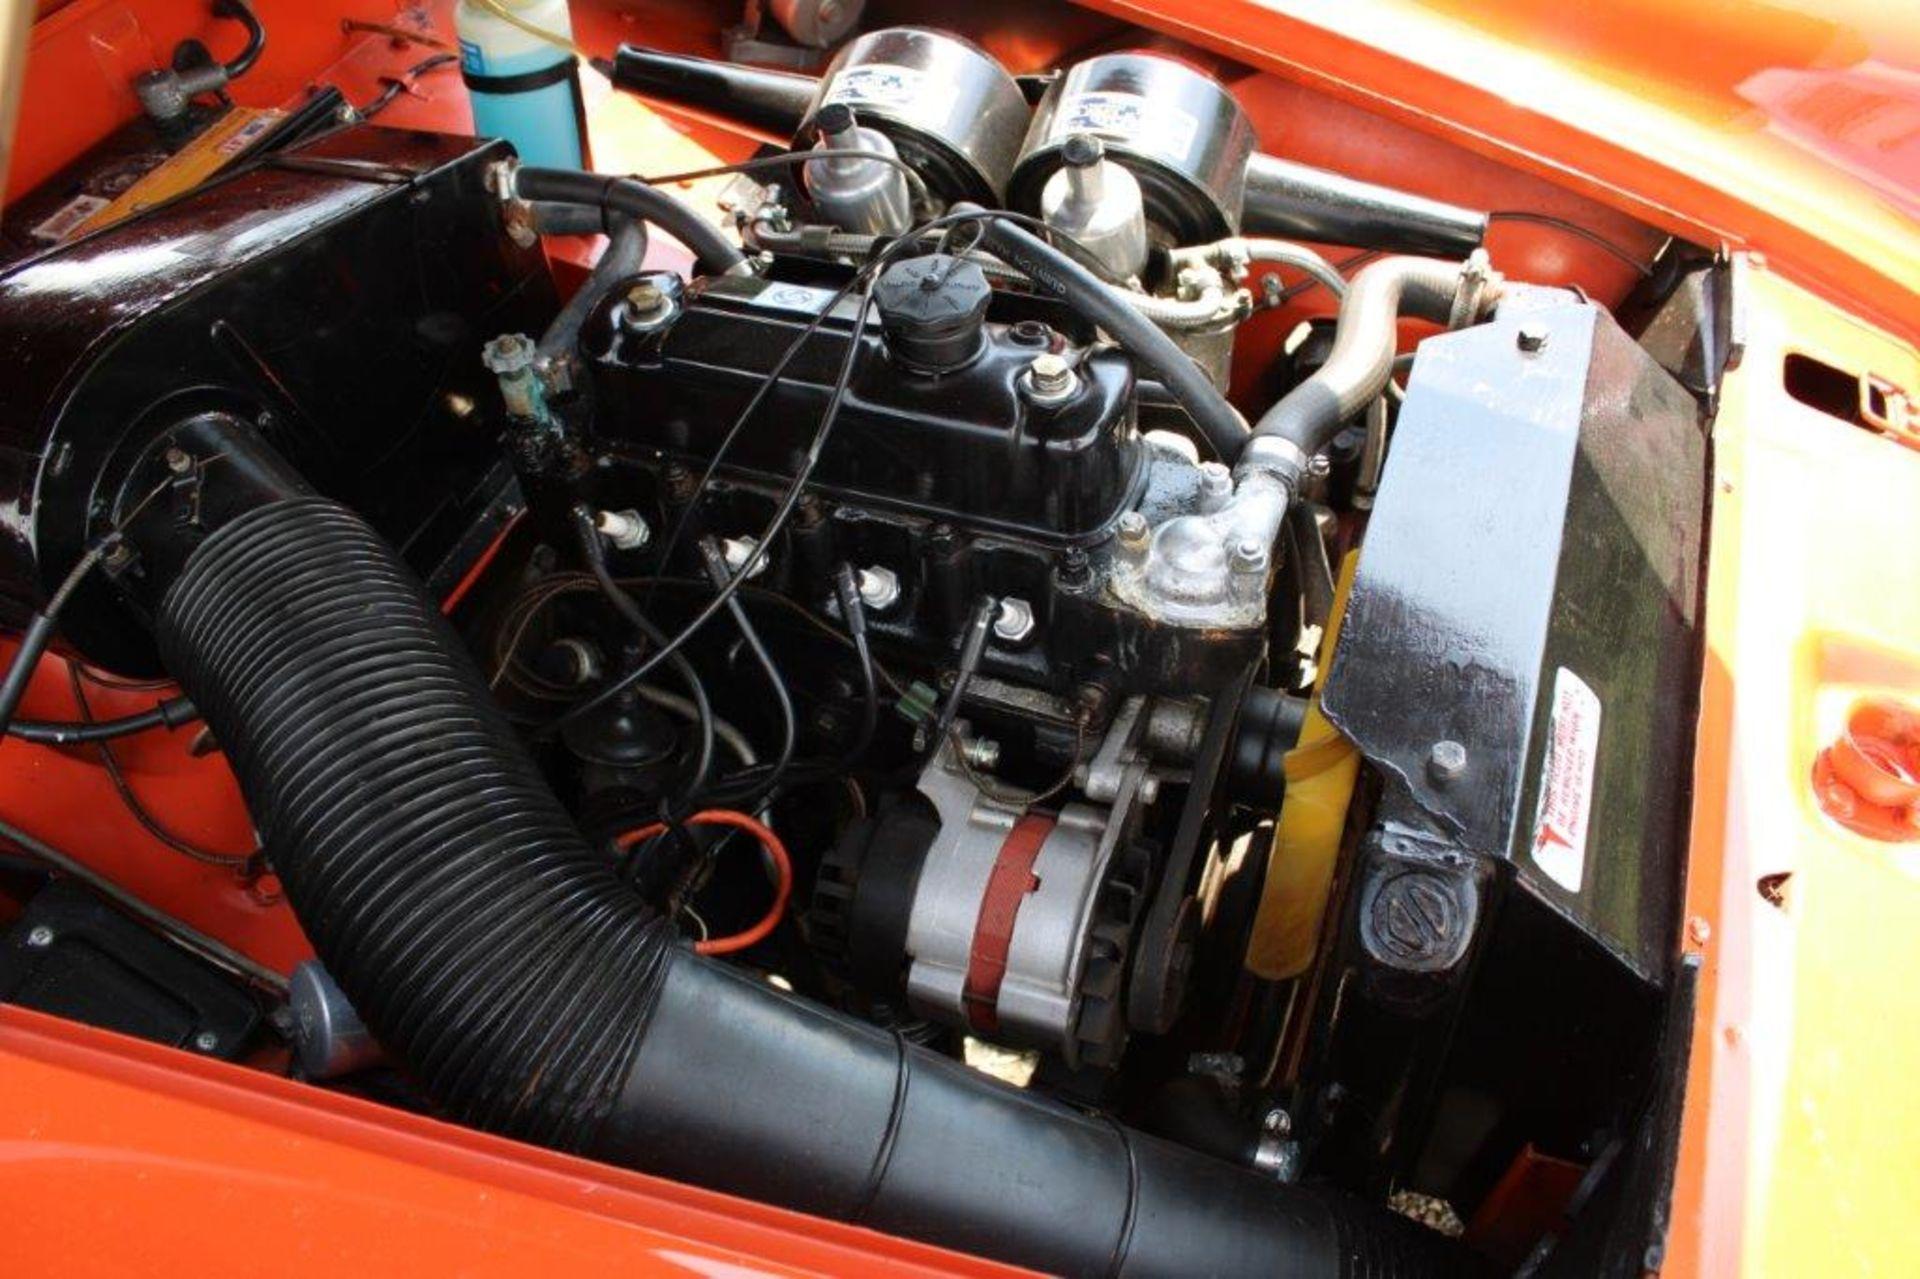 1974 MG Midget MK III - Image 20 of 30